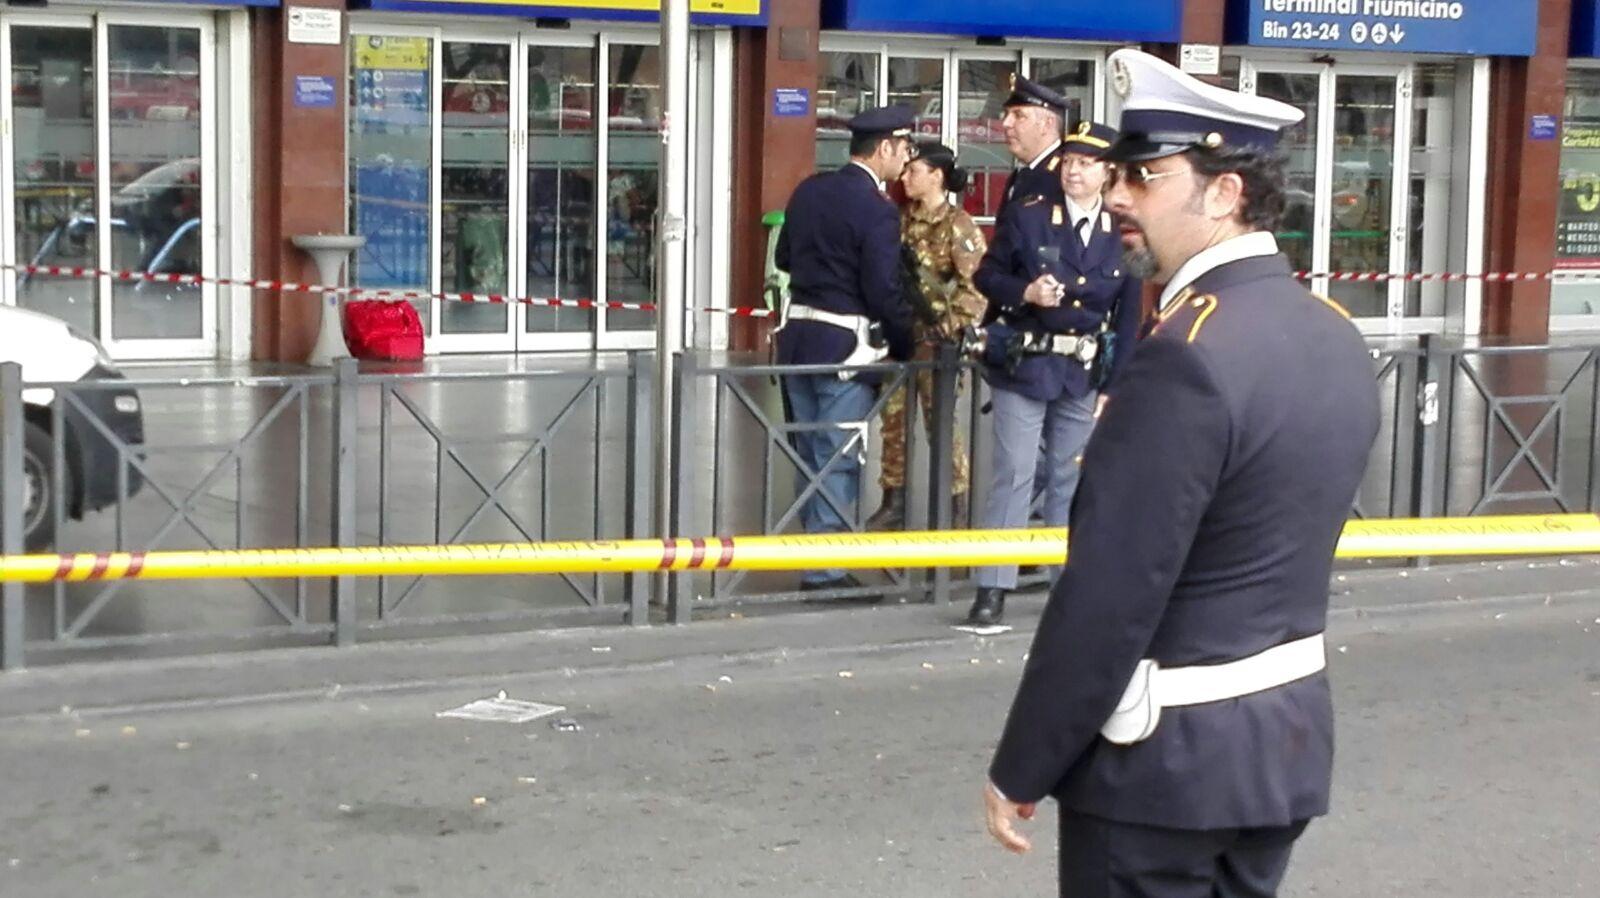 Allarme bomba a Termini: ecco cosa è successo